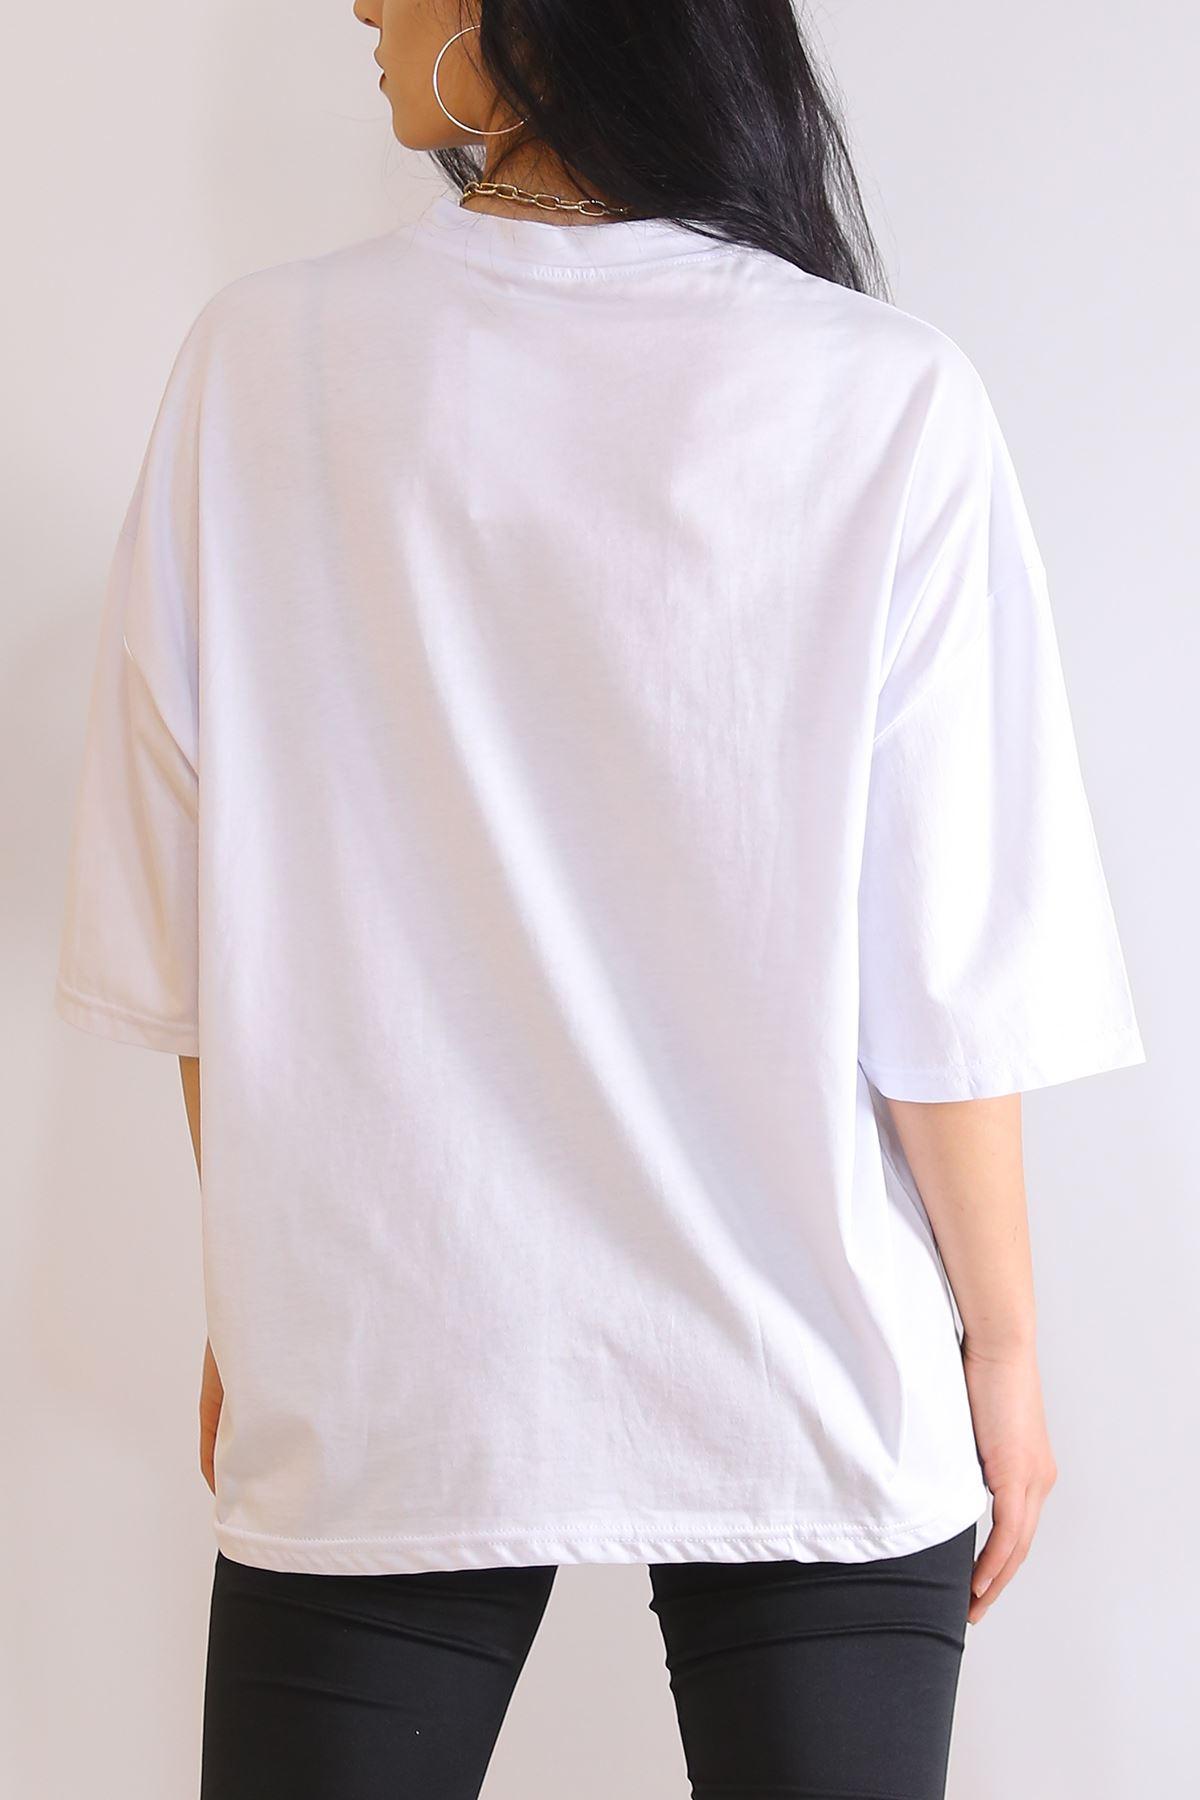 Baskılı  Tişört Beyaz - 6199.1377.